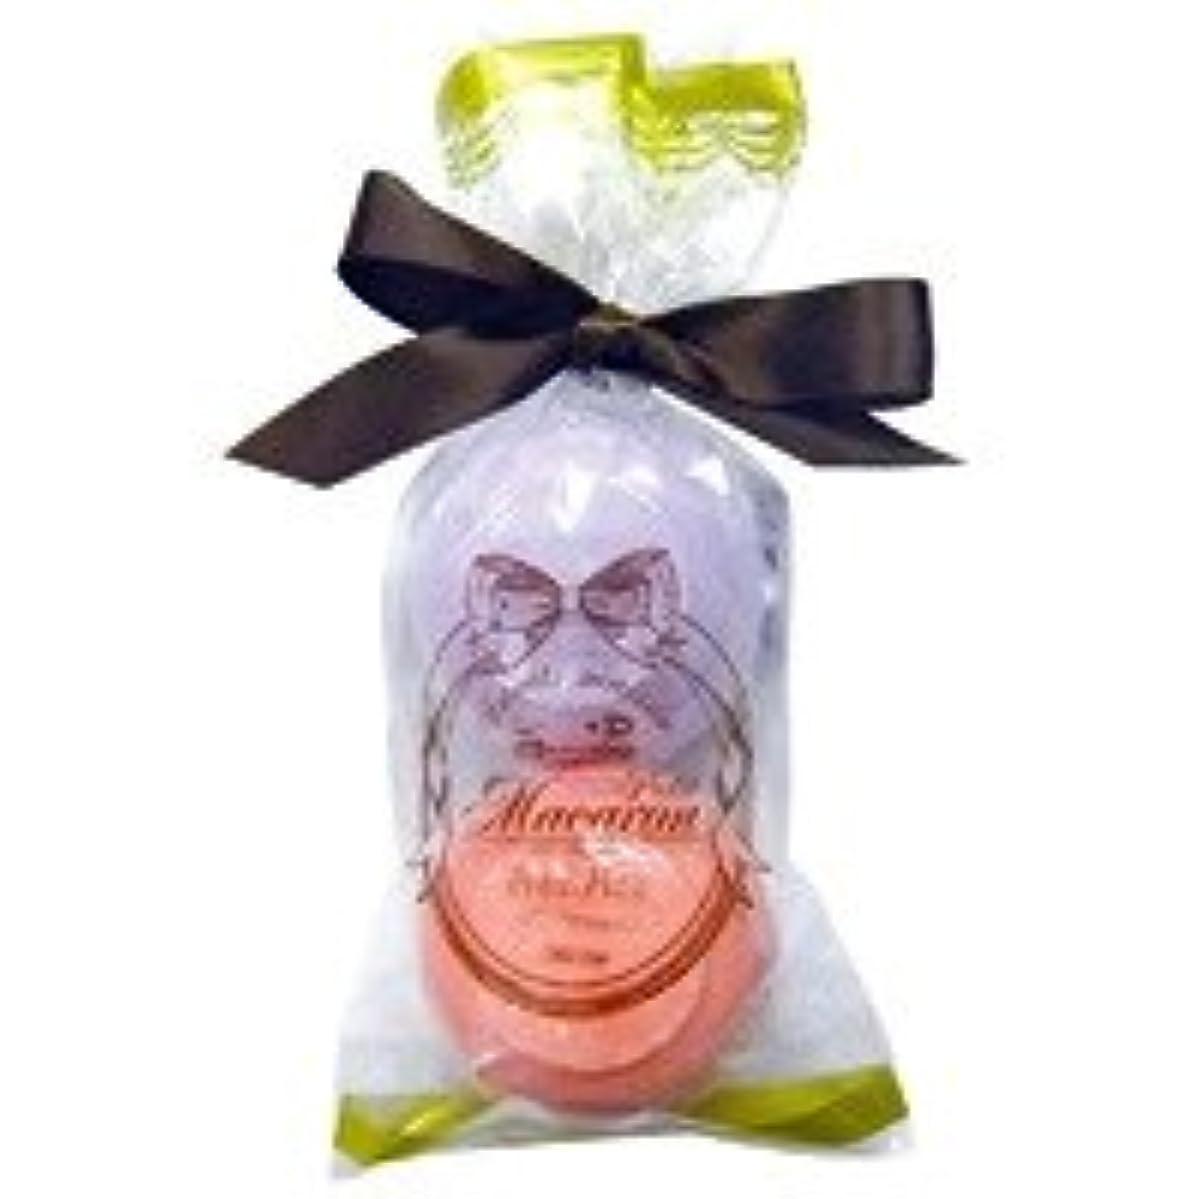 送料国旗分岐するスウィーツメゾン プチマカロンミニセット「パープル&ダークピンク」6個セット フルーティーなザクロの香り&華やかなローズの香り